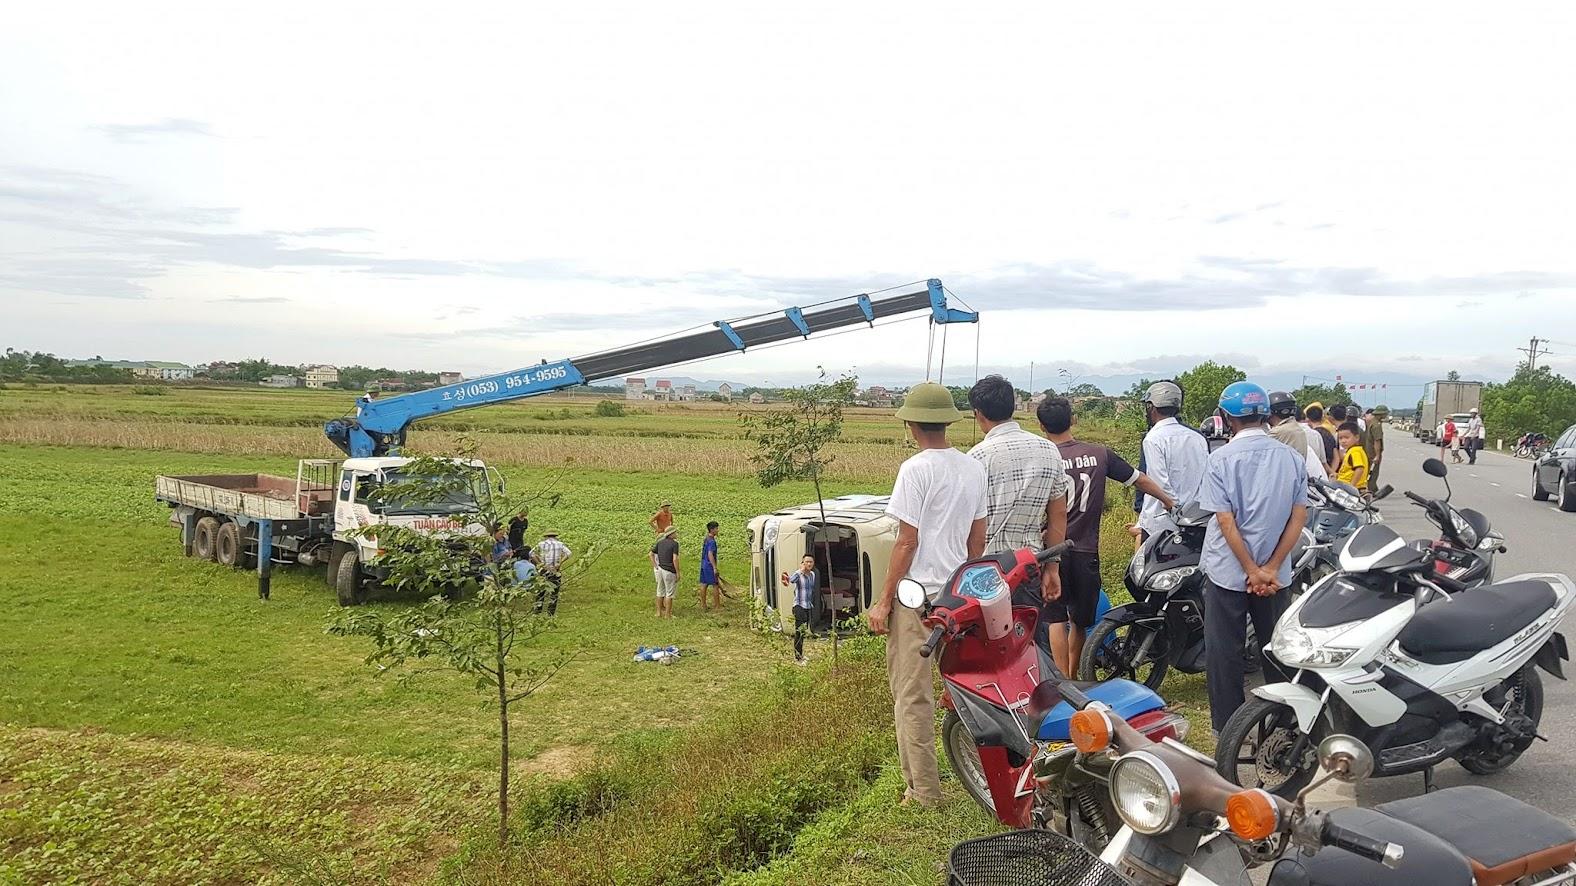 Tai nạn xảy ra ở khu vực đồng ruộng vắng người